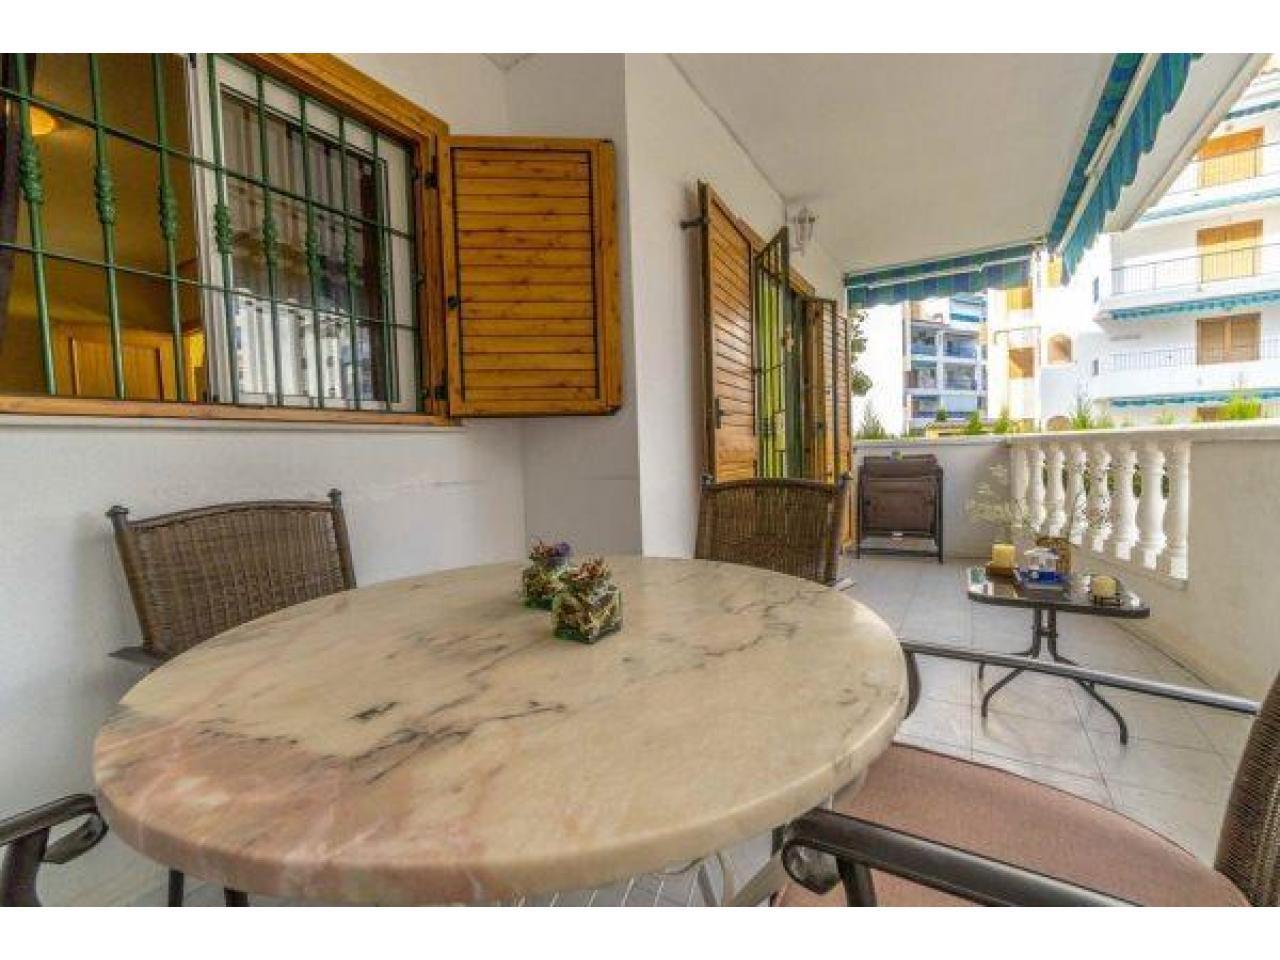 Недвижимость в Испании, Квартира рядом с пляжем в Ла Мата,Торревьеха,Коста Бланка,Испания - 3